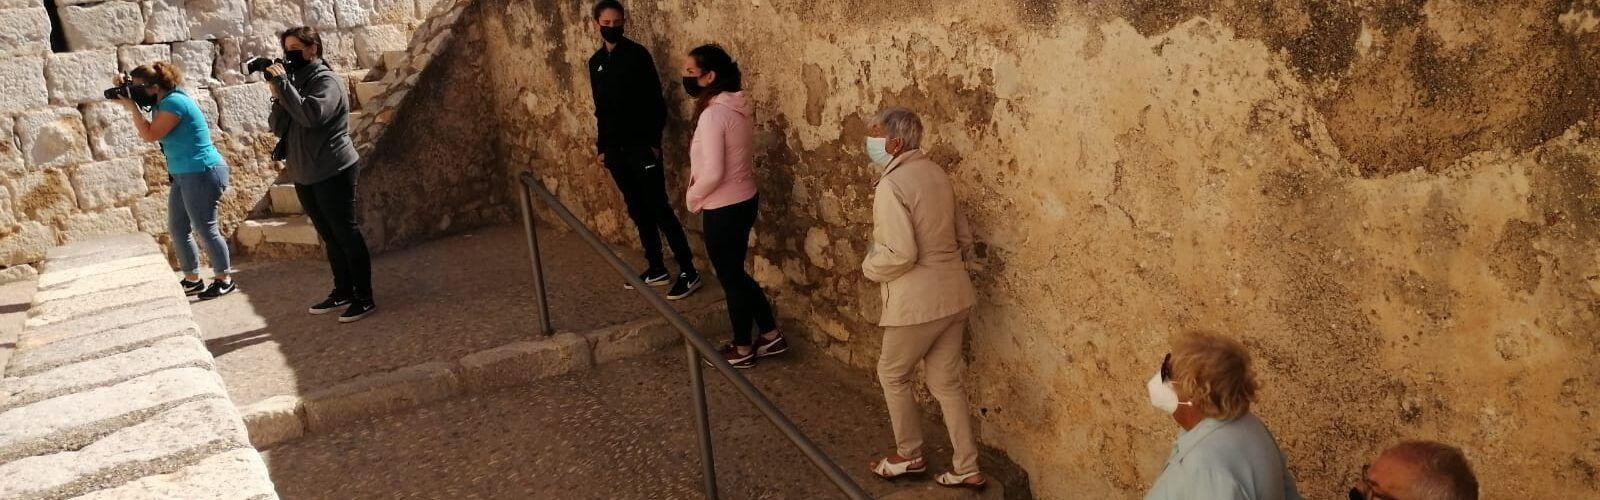 Bona acollida de la jornada de portes obertes al Castell de Peníscola